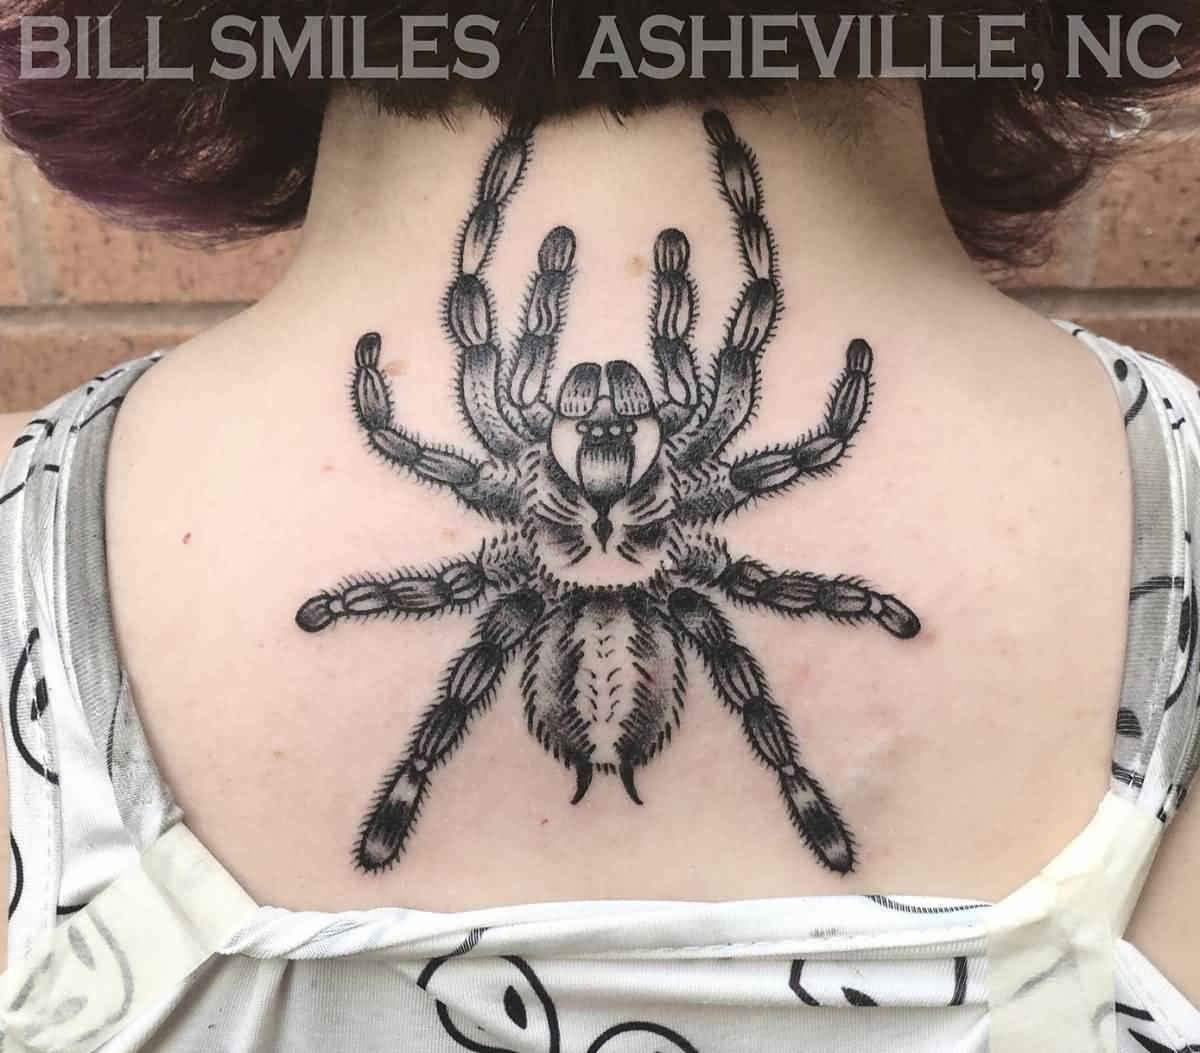 Vemos una joven con un tatuaje de tarántula en la espalda